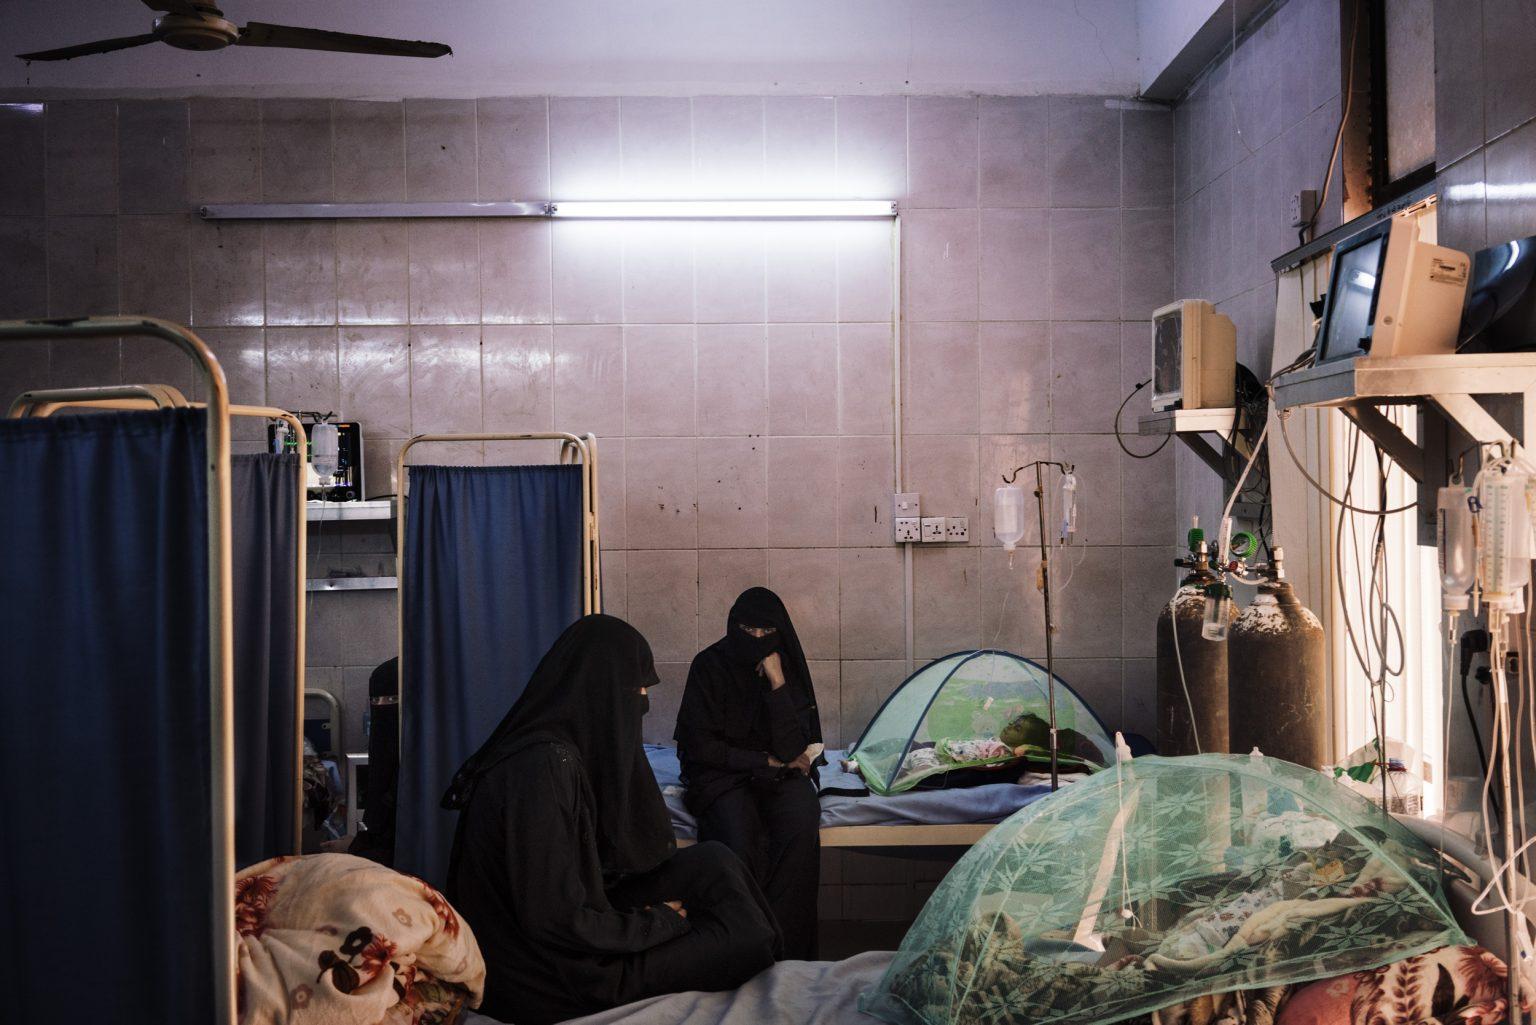 Aden, Yemen, May 21st, 2018 - Women attends their children in the intensive Care Unit of the Sedaqa hospital. There are no doctors in the hospital and discontinuous availability of oxygen and medicines.  A violent confrontation between a member of the militia that control Sedaqa hospital and a doctor on May 14th led to a strike of all the doctors in the hospital. They demand the militia to leave the hospital. The strike created a dangerous situation for many of the patients. Children in the Intensive Care Unit and in the malnutrition wards couldn't see a doctor for days>< Aden, Yemen, 21 maggio 2018 - Alcune donne si prendono cura dei piccoli pazienti nel reparto di terapia intensiva dell'ospedale Sadaqa di Aden. Nell'ospedale non ci sono dottori al momento e la disponibilità di ossigeno e medicine è discontinua. Un violento scontro tra un membro della milizia che controlla l'ospedale Sedaqa e un medico il 14 maggio ha portato allo sciopero di tutti i medici dell'ospedale. Gli scioperanti pretendono che la milizia venga allontanata dall'ospedale. Lo sciopero ha peggiorato la situazione già tragica per molti dei pazienti. I bambini nell'unità di terapia intensiva e nei reparti di malnutrizione non sono stati visitati dai medici da giorni. Lorenzo Tugnoli / The Washington Post / Contrasto